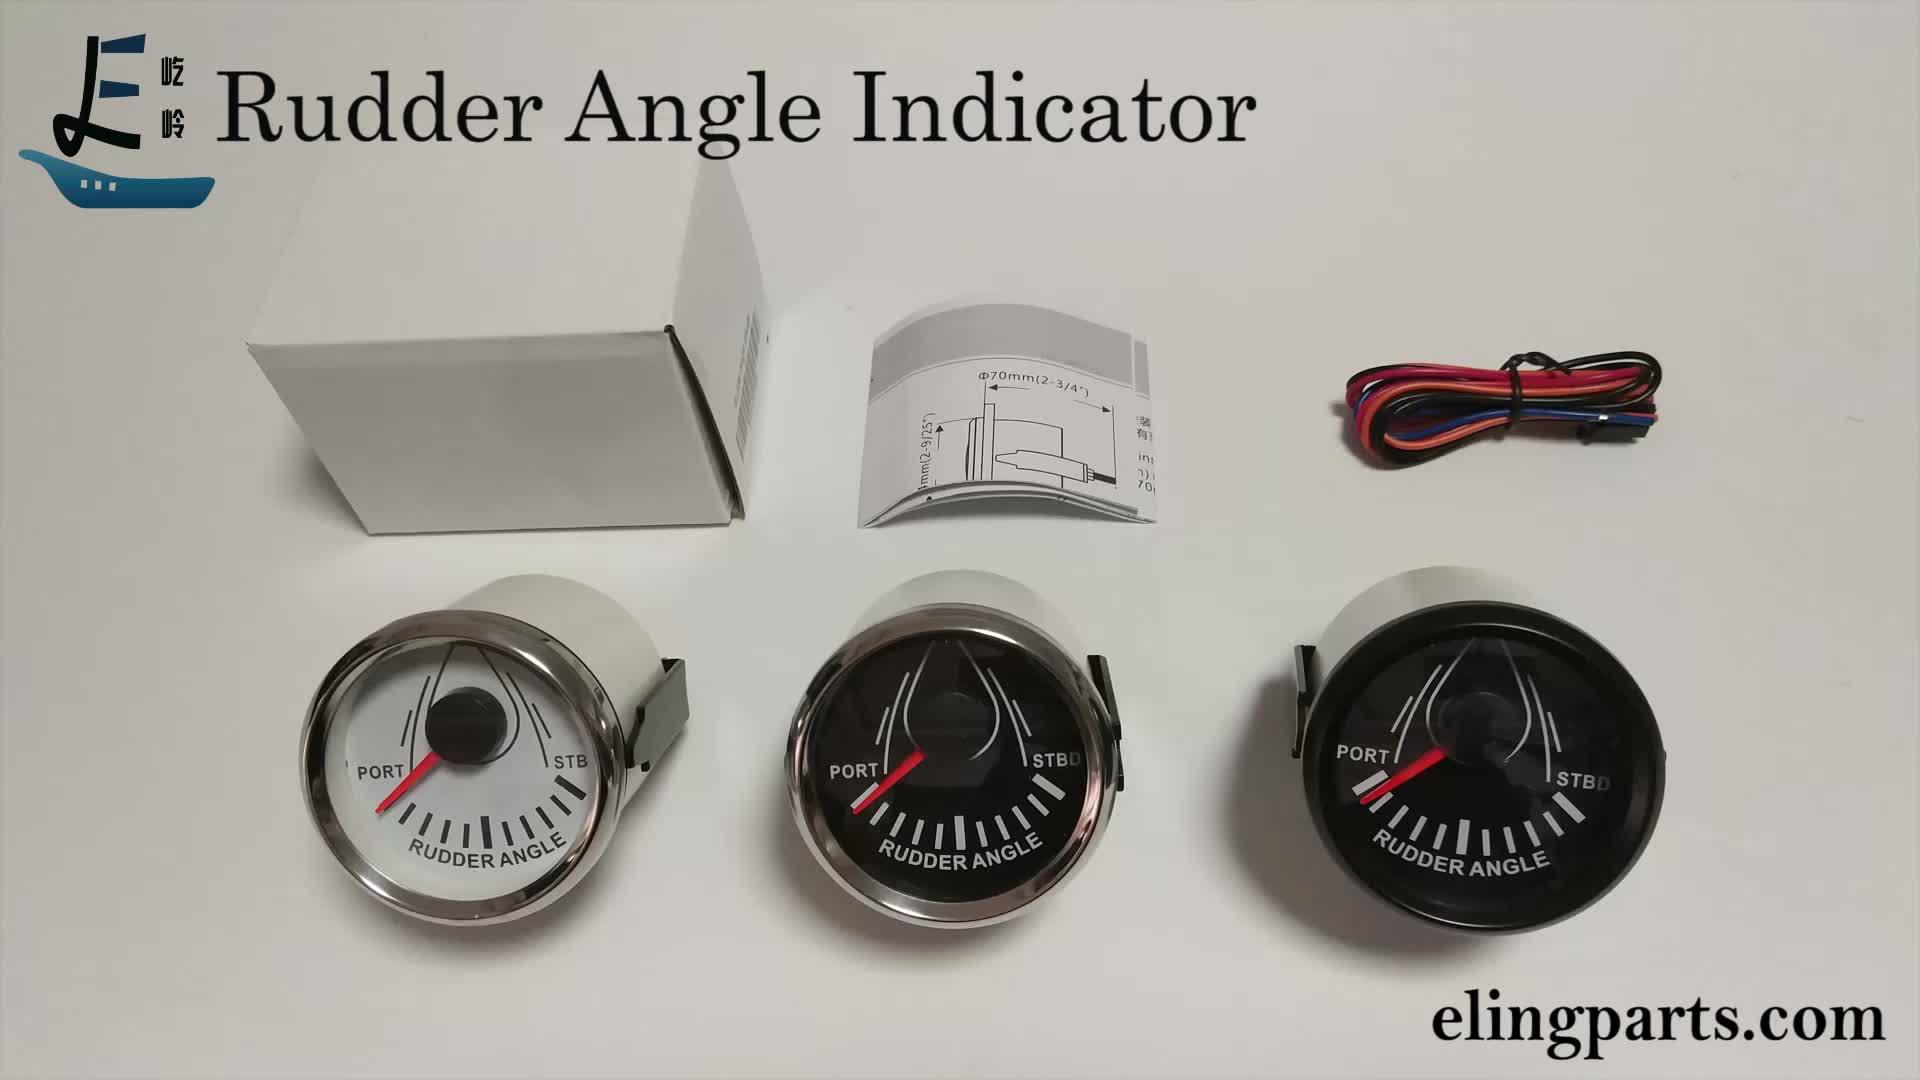 52mm Marine Rudder Angle Gauge 0-190ohm Rudder Angle Indicator 12V/24V Boat Vessel Rudder Angle Meter